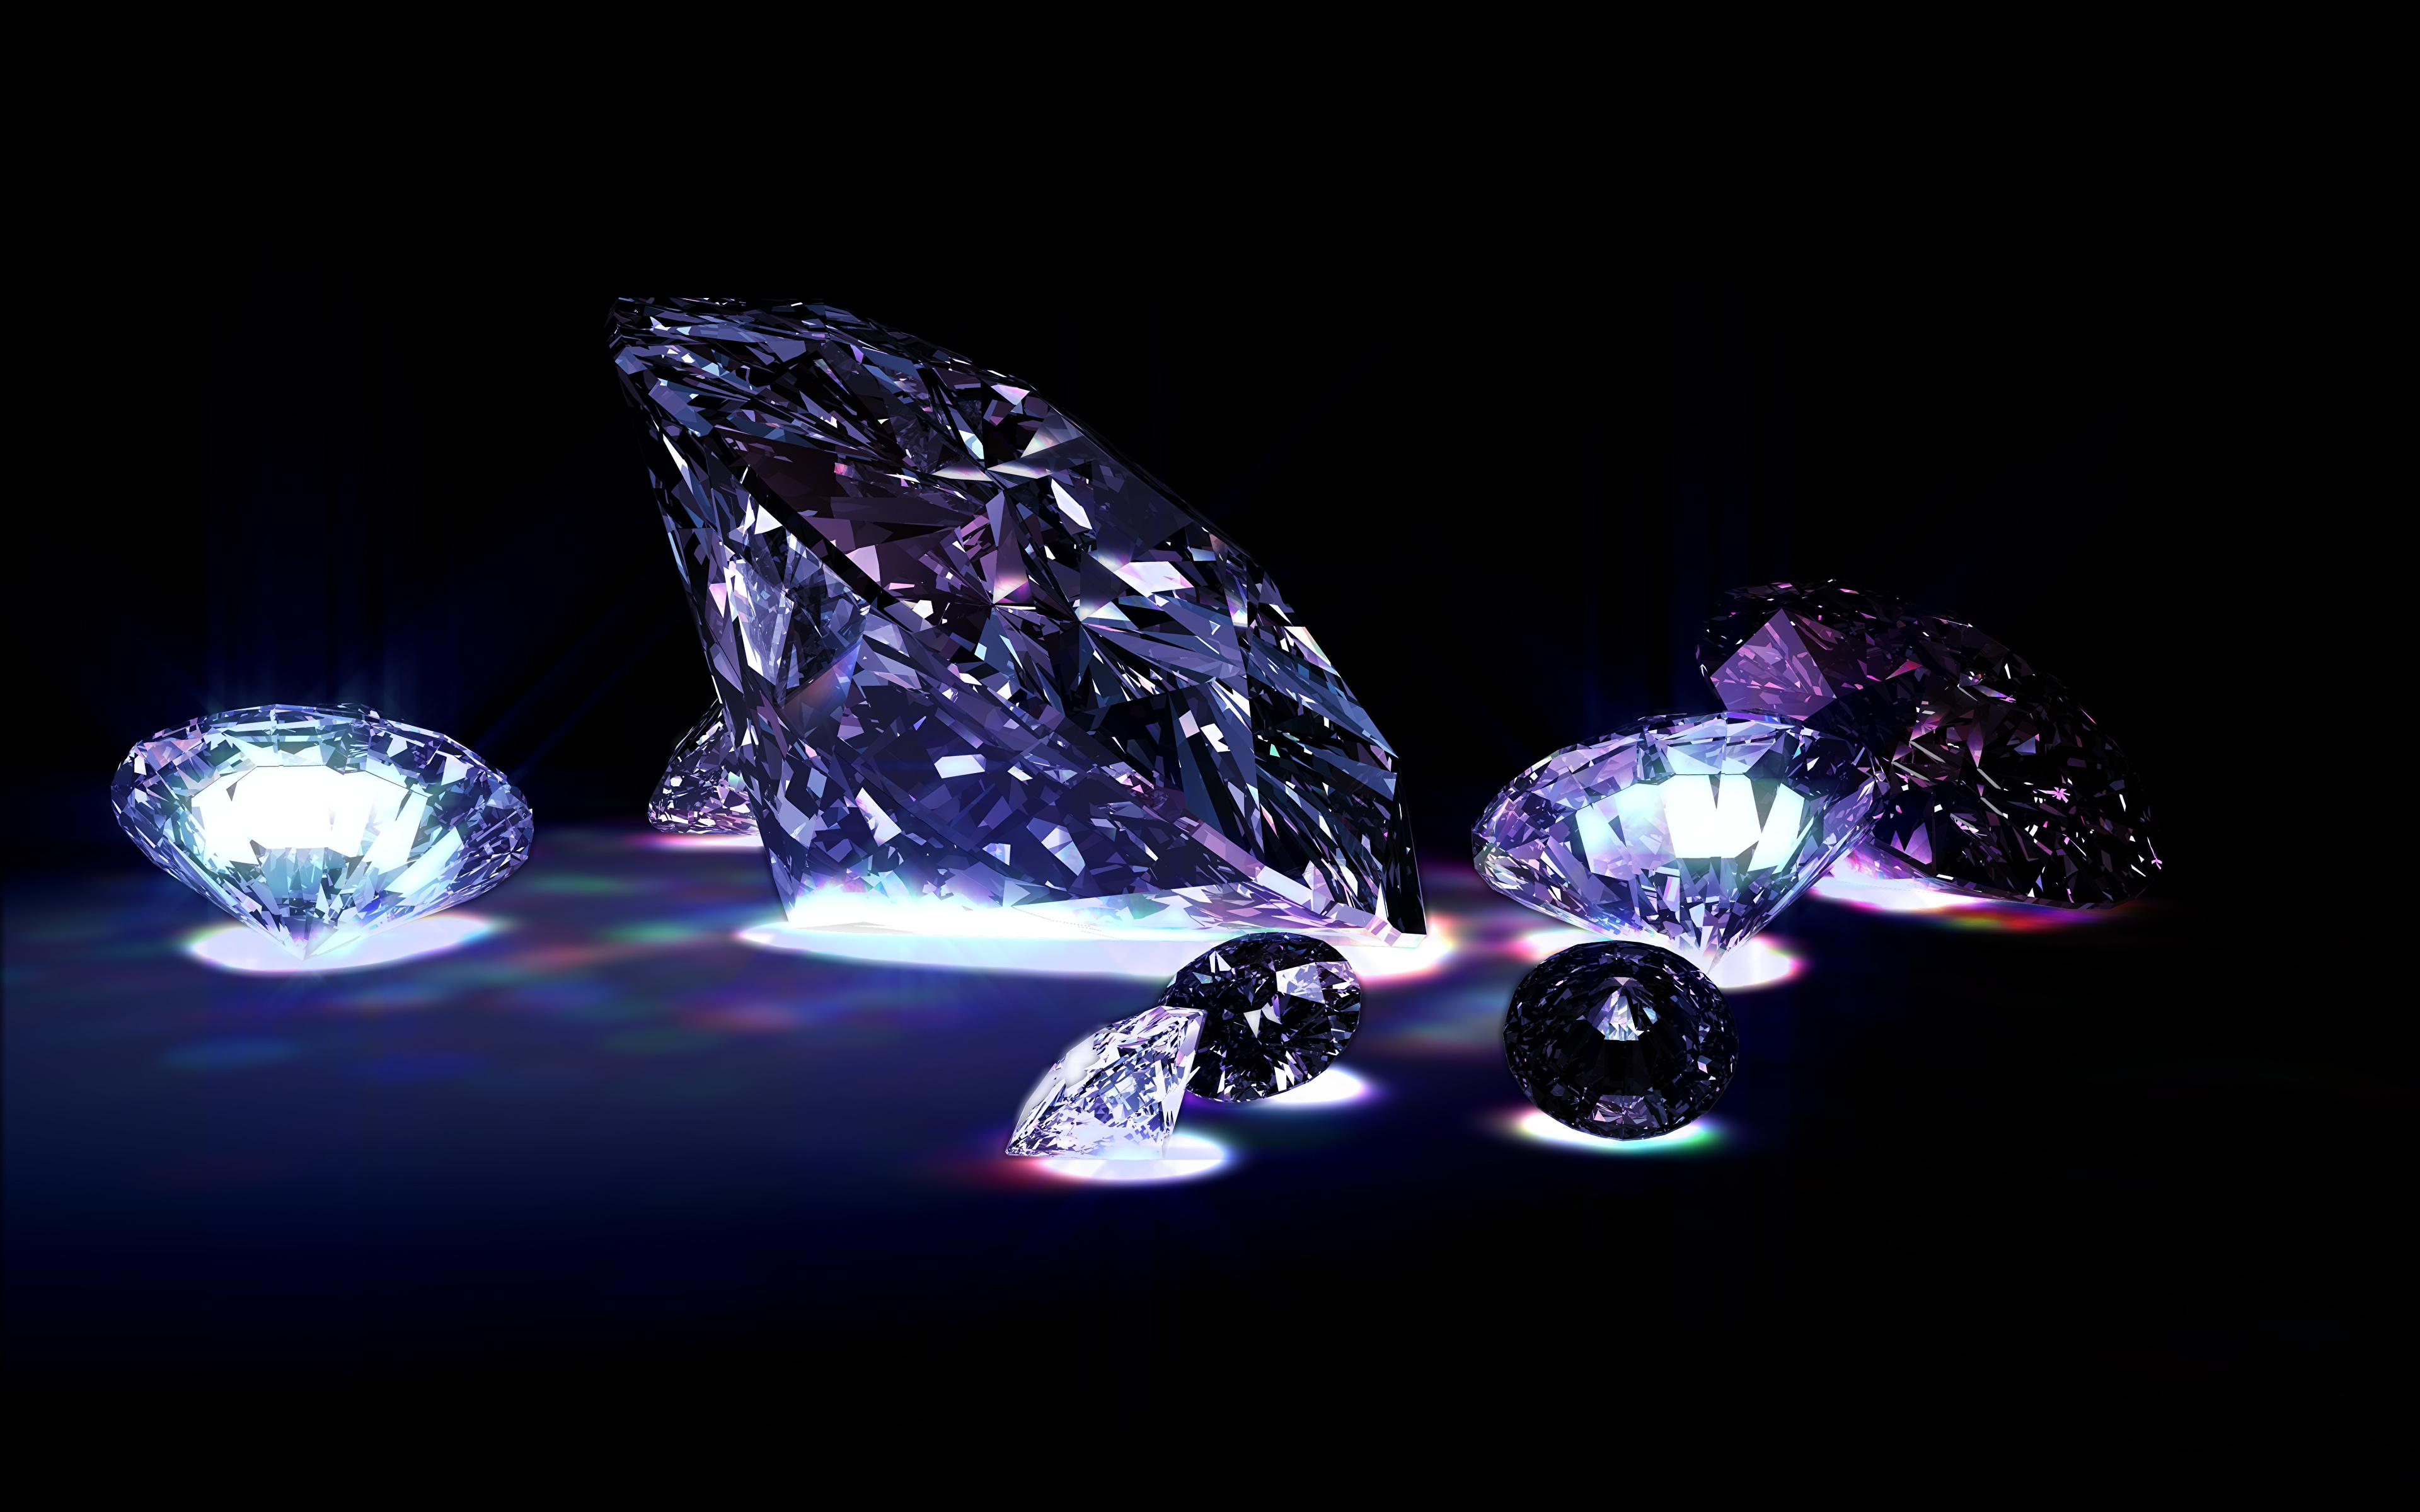 Фотографии Бриллиант Черный фон 3840x2400 алмаз обработанный